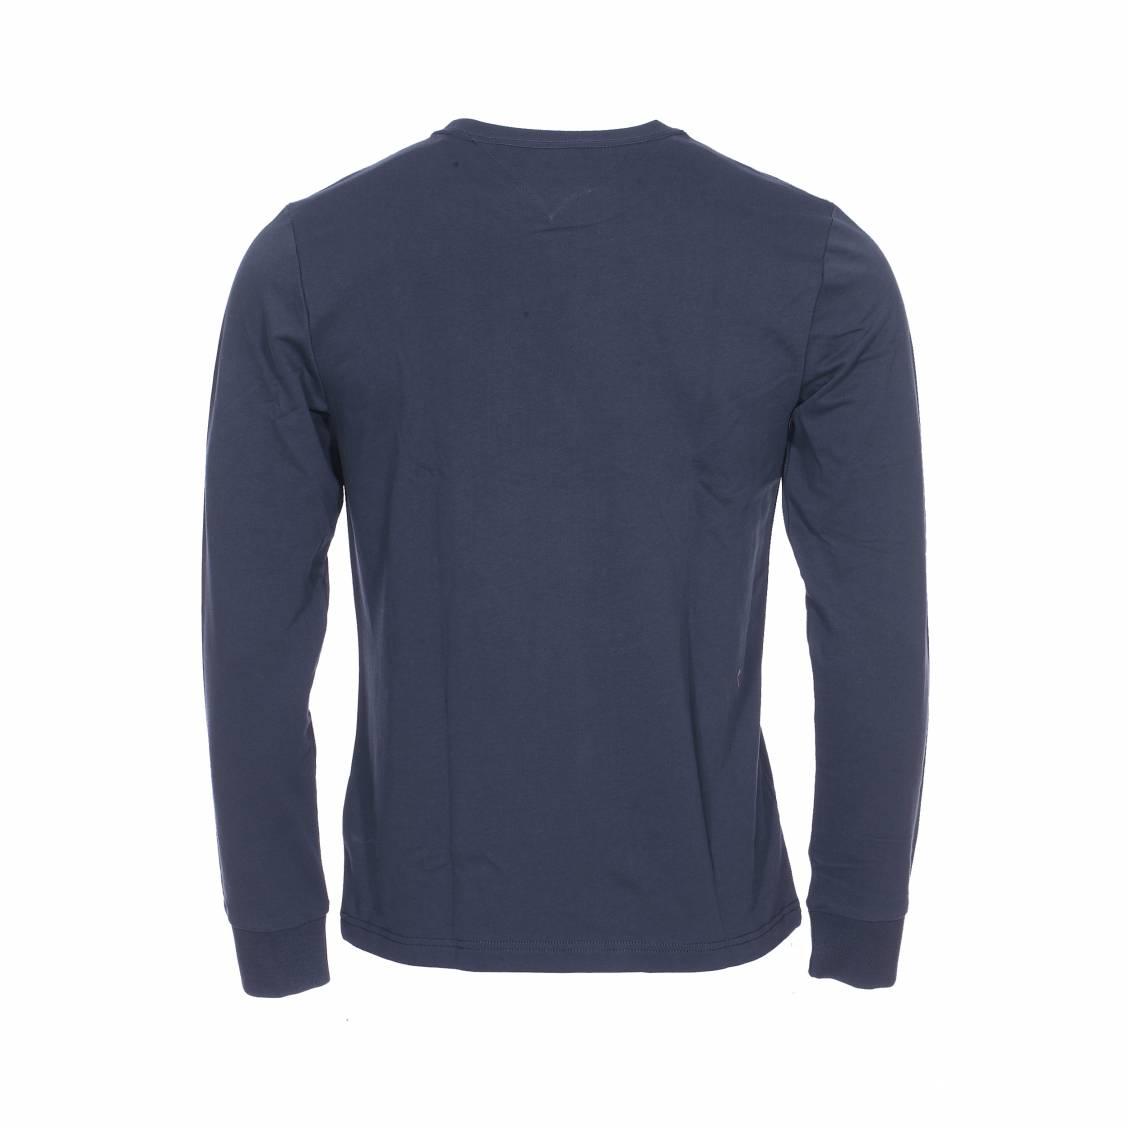 9f8b3f27880a ... Tee-shirt épais manches longues col rond Tommy Hilfiger Allen en coton  bleu marine brodé